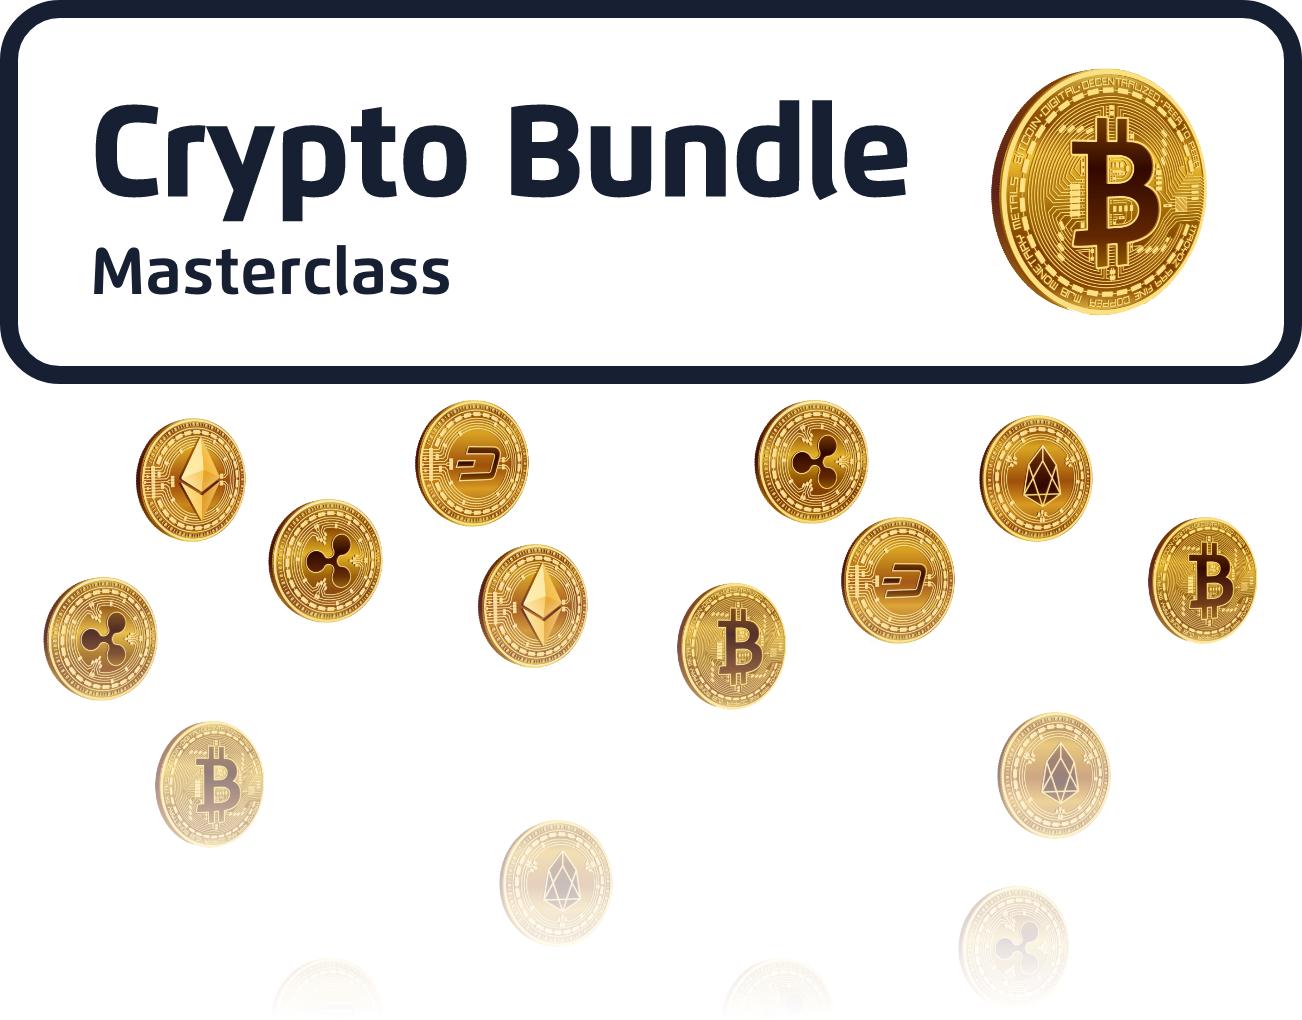 Crypto Masterclass 2 2@3